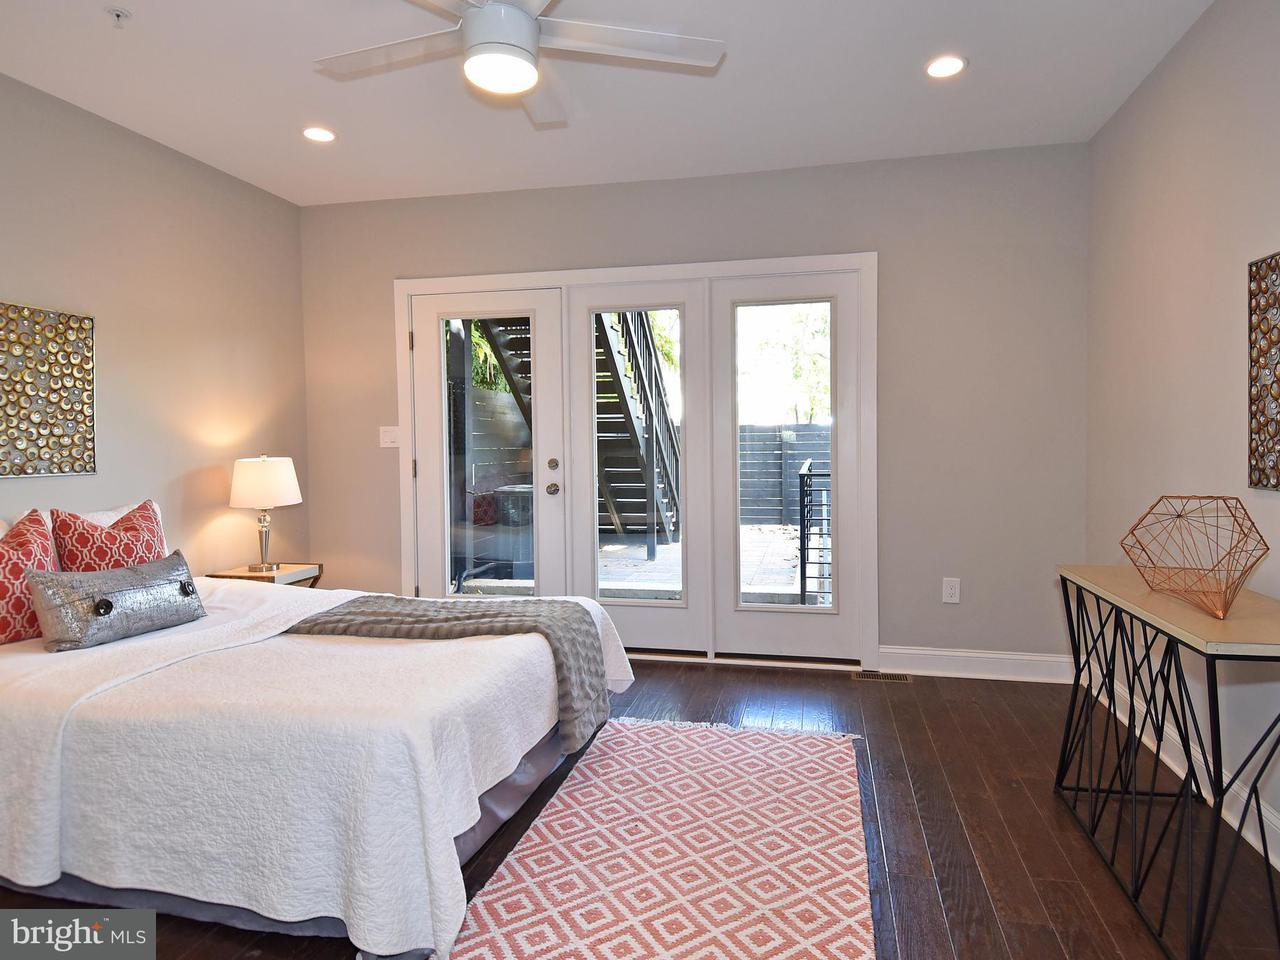 Additional photo for property listing at 1722 Independence Ave Se #1 1722 Independence Ave Se #1 Washington, コロンビア特別区 20003 アメリカ合衆国